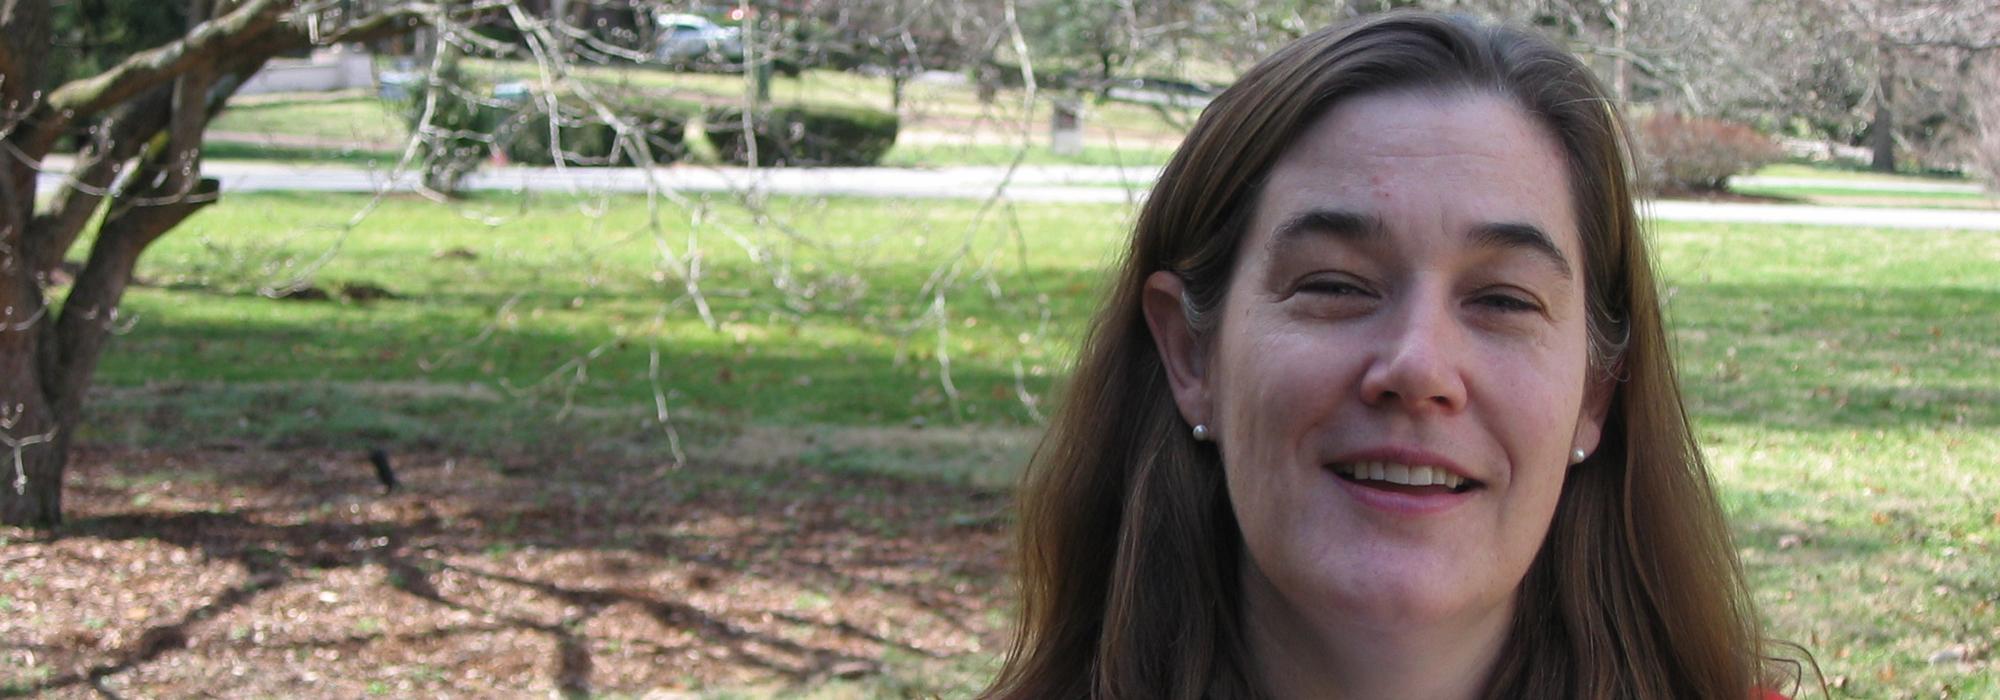 Evans-Emily_hero_01_CharlesBirnbaum_2006.jpg